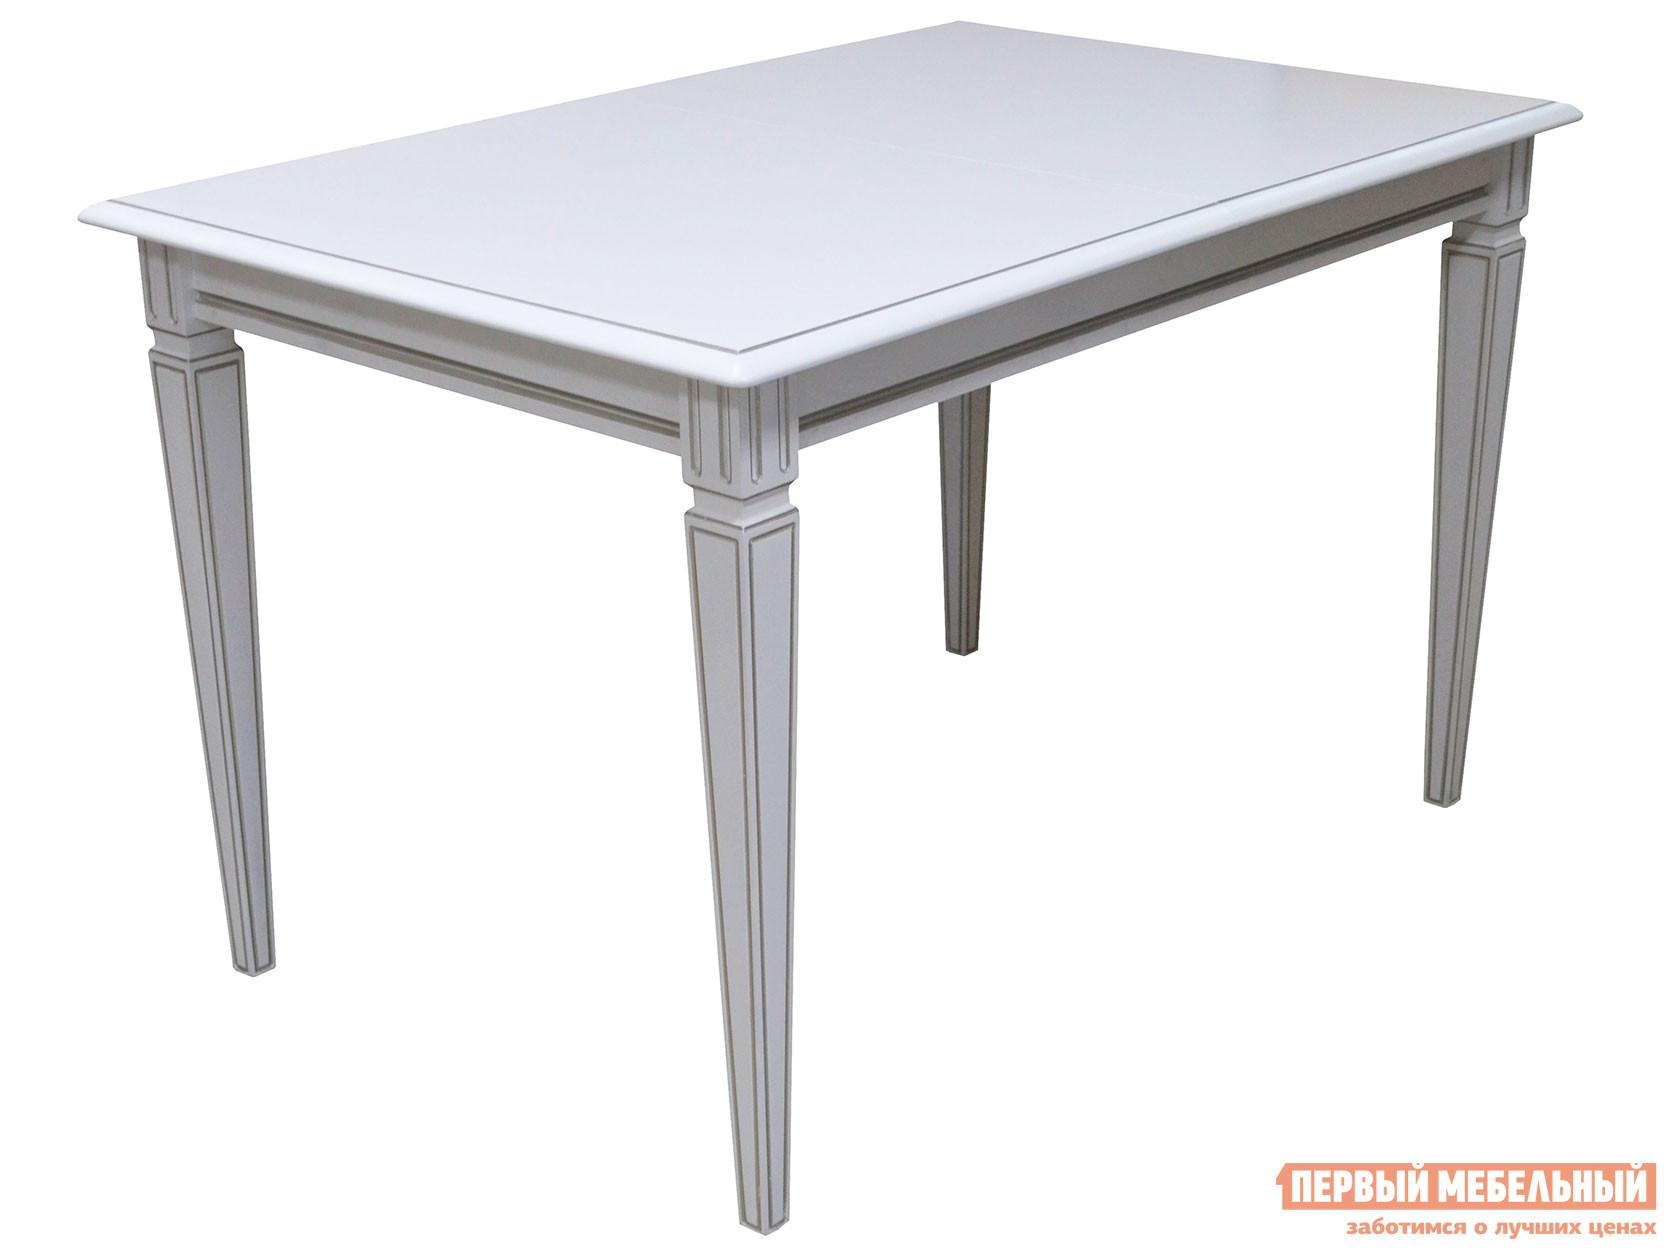 Обеденный стол Линоторг Стол раздвижной Сиена